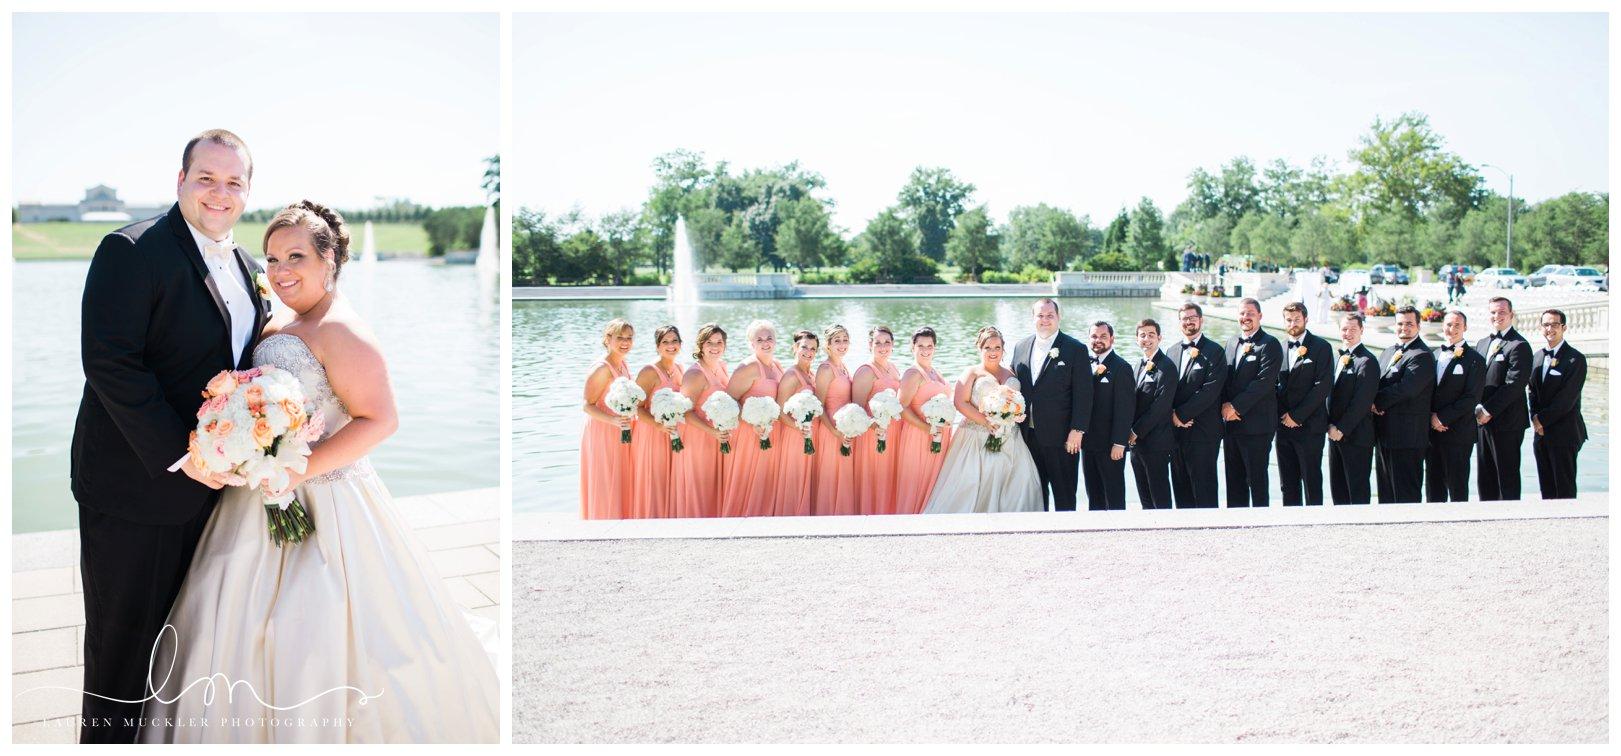 lauren muckler photography_fine art film wedding photography_st louis_photography_0628.jpg